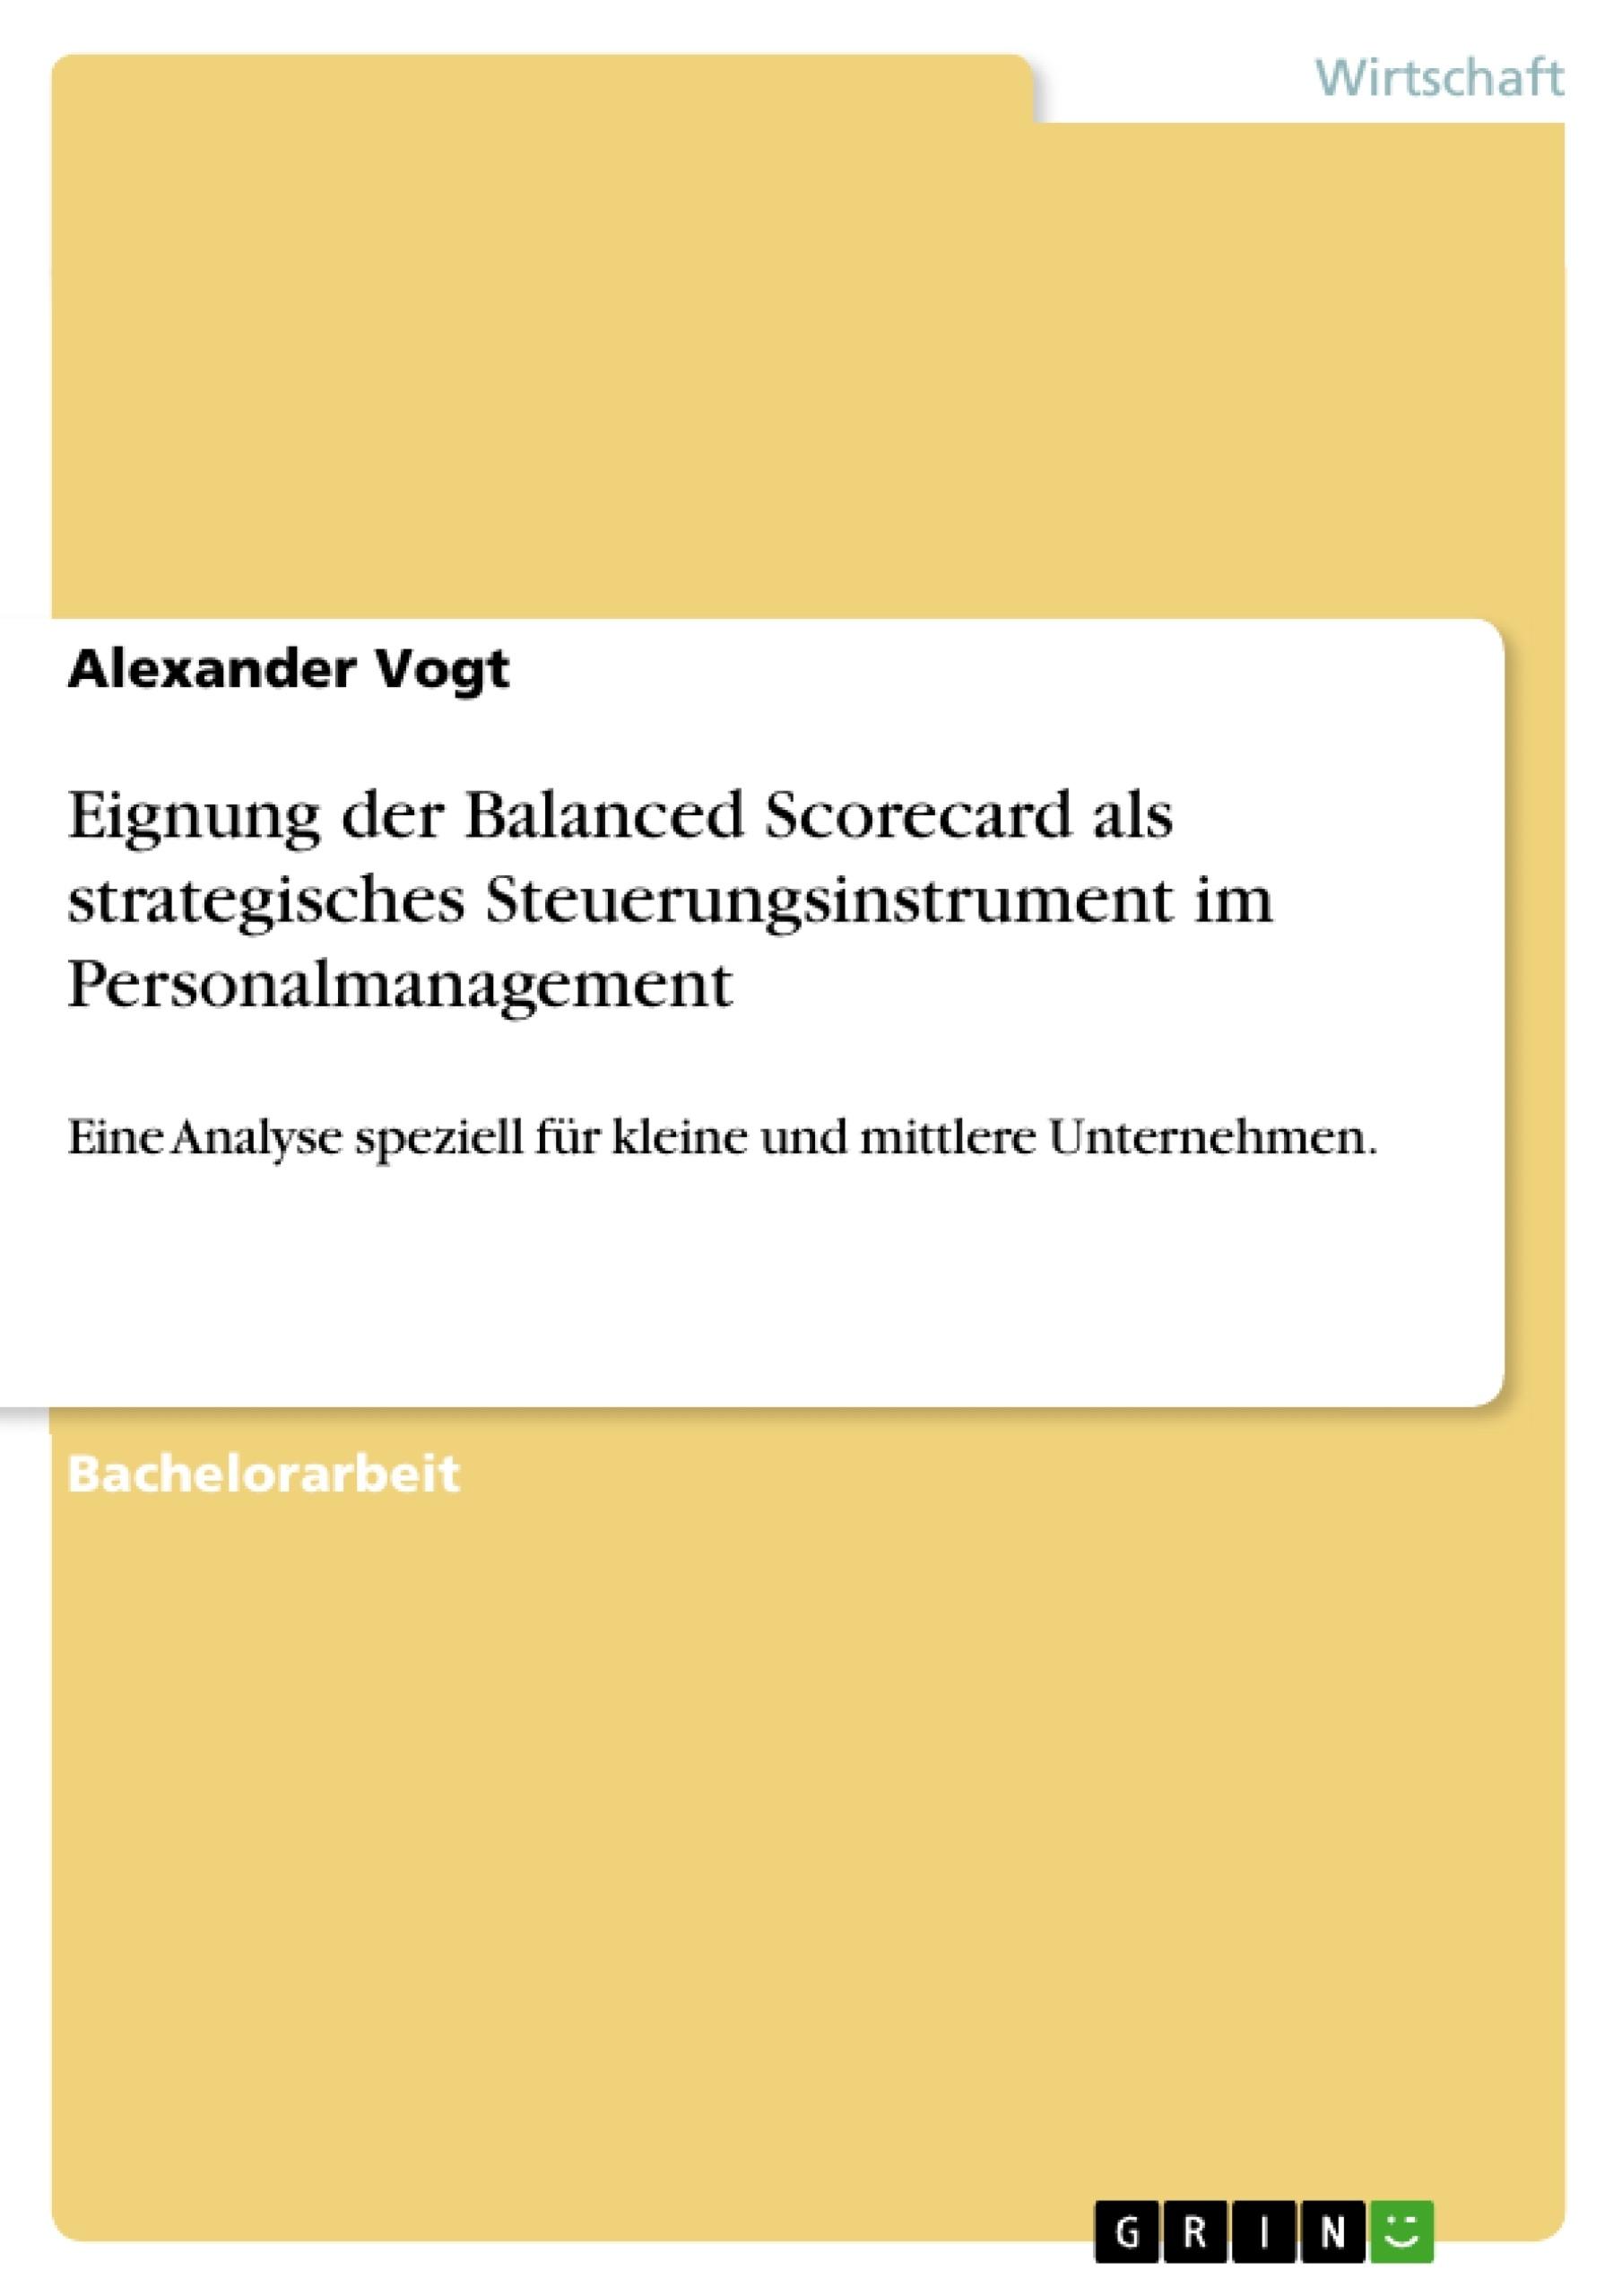 Titel: Eignung der Balanced Scorecard als strategisches Steuerungsinstrument im Personalmanagement